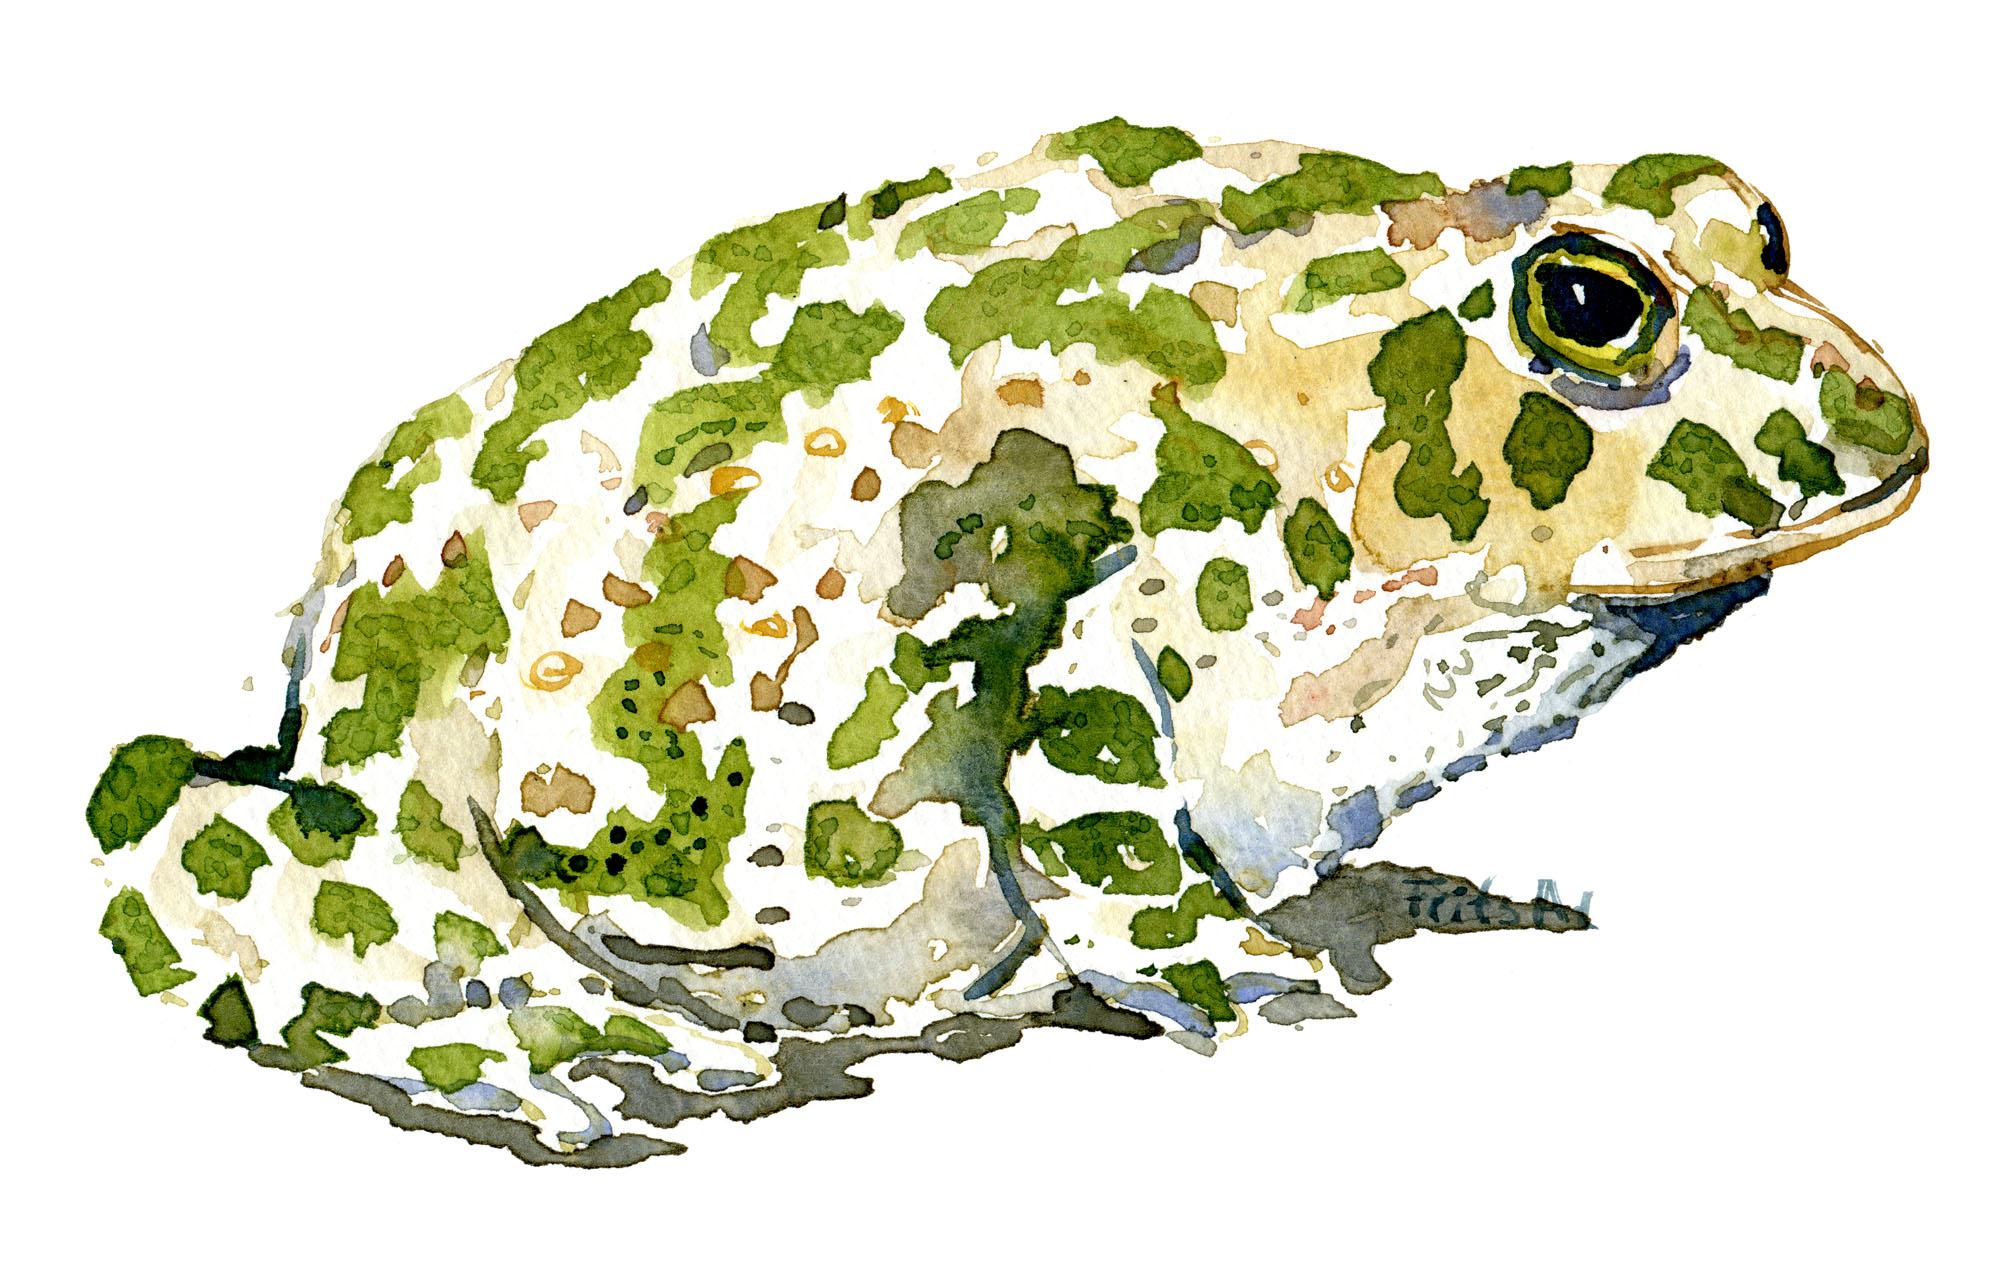 Akvarel af Grønbroget Tudse